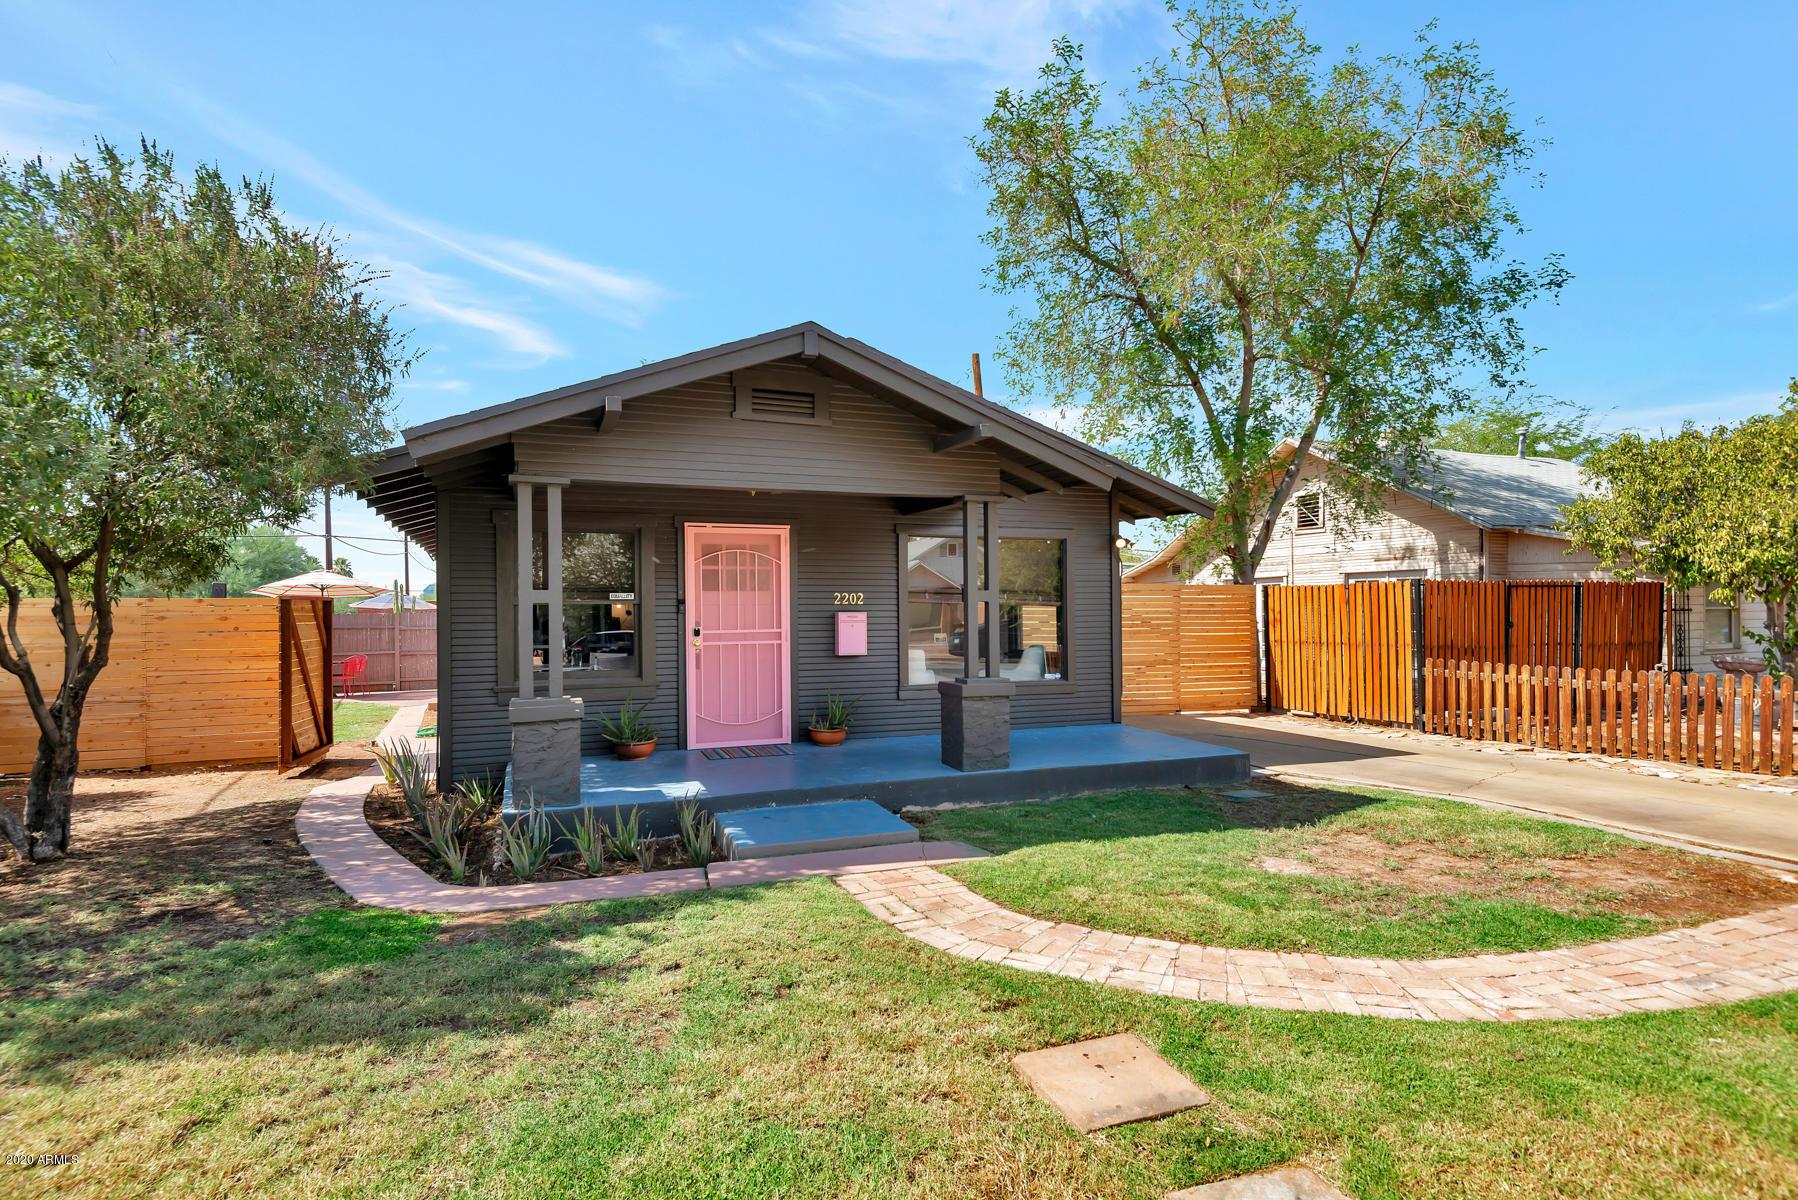 2202 N 11TH Street, Phoenix, AZ 85006, 2 Bedrooms Bedrooms, ,Residential,For Sale,2202 N 11TH Street,6203870